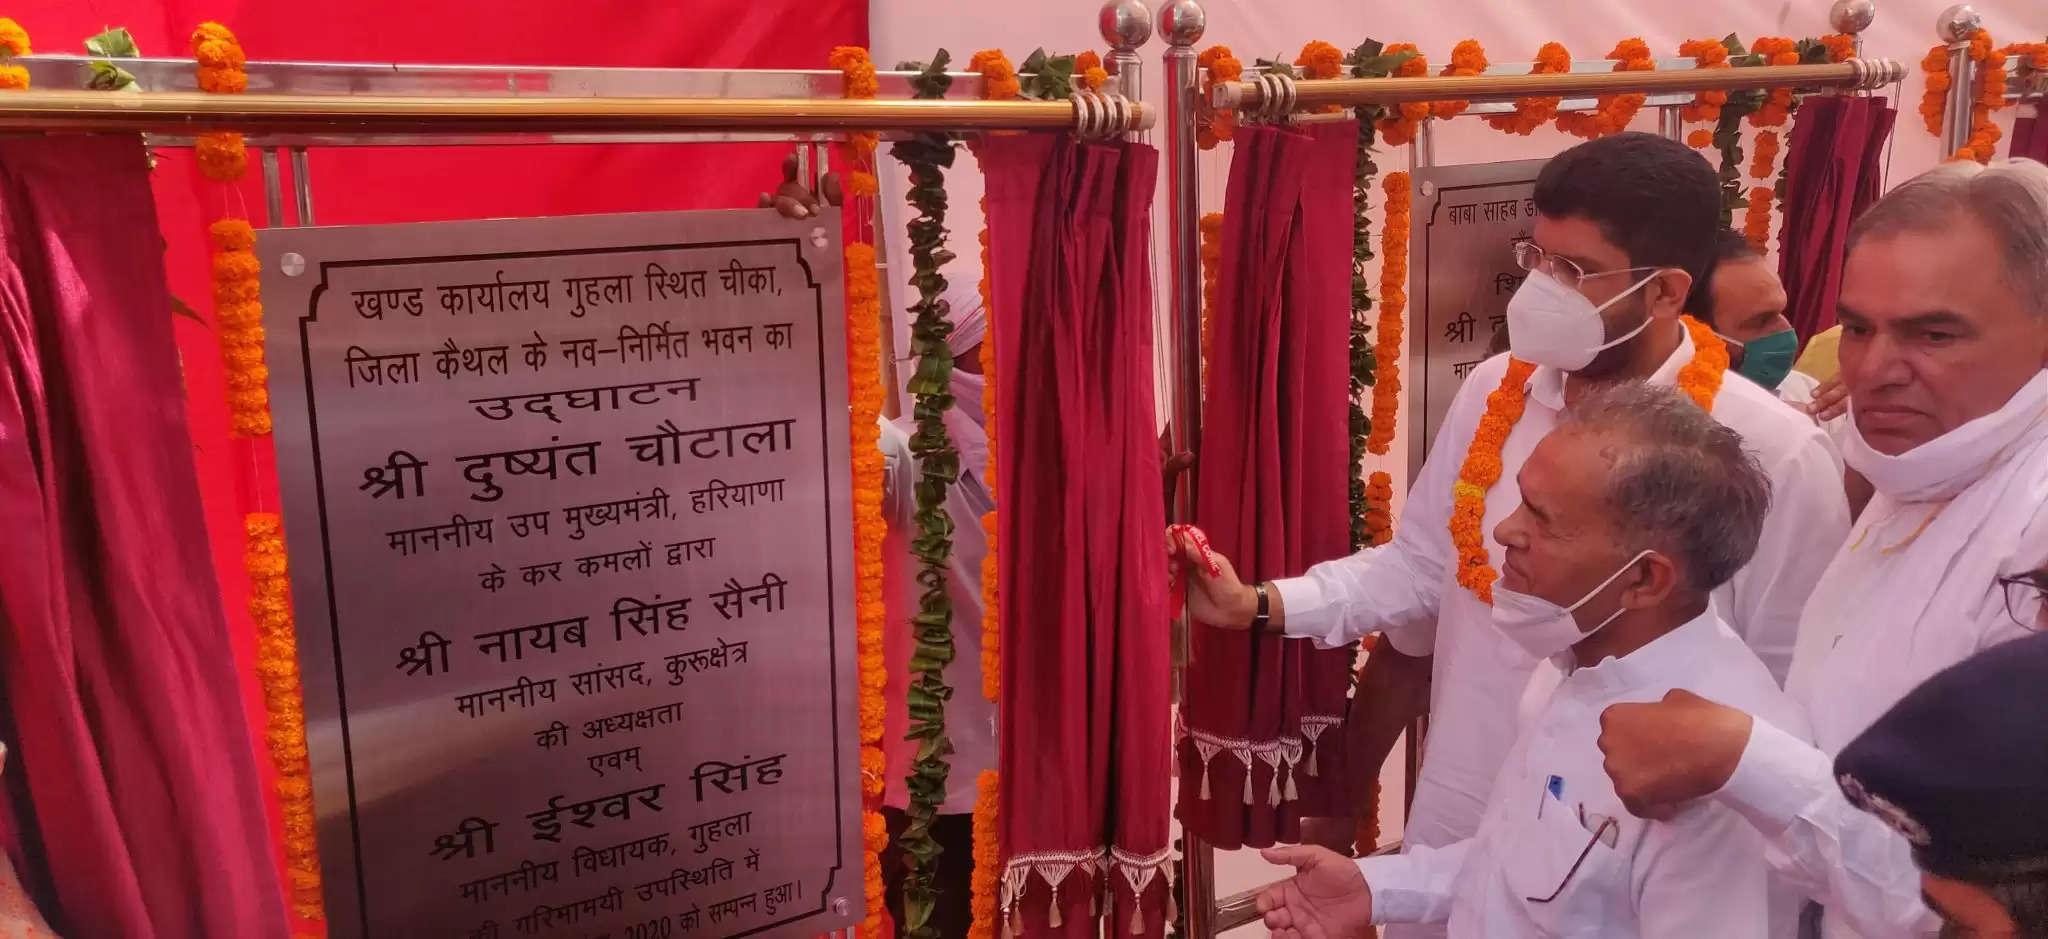 गुहला को Deputy CM की सौगात, लाखों की परियोजनाओं का किया शिलान्यास